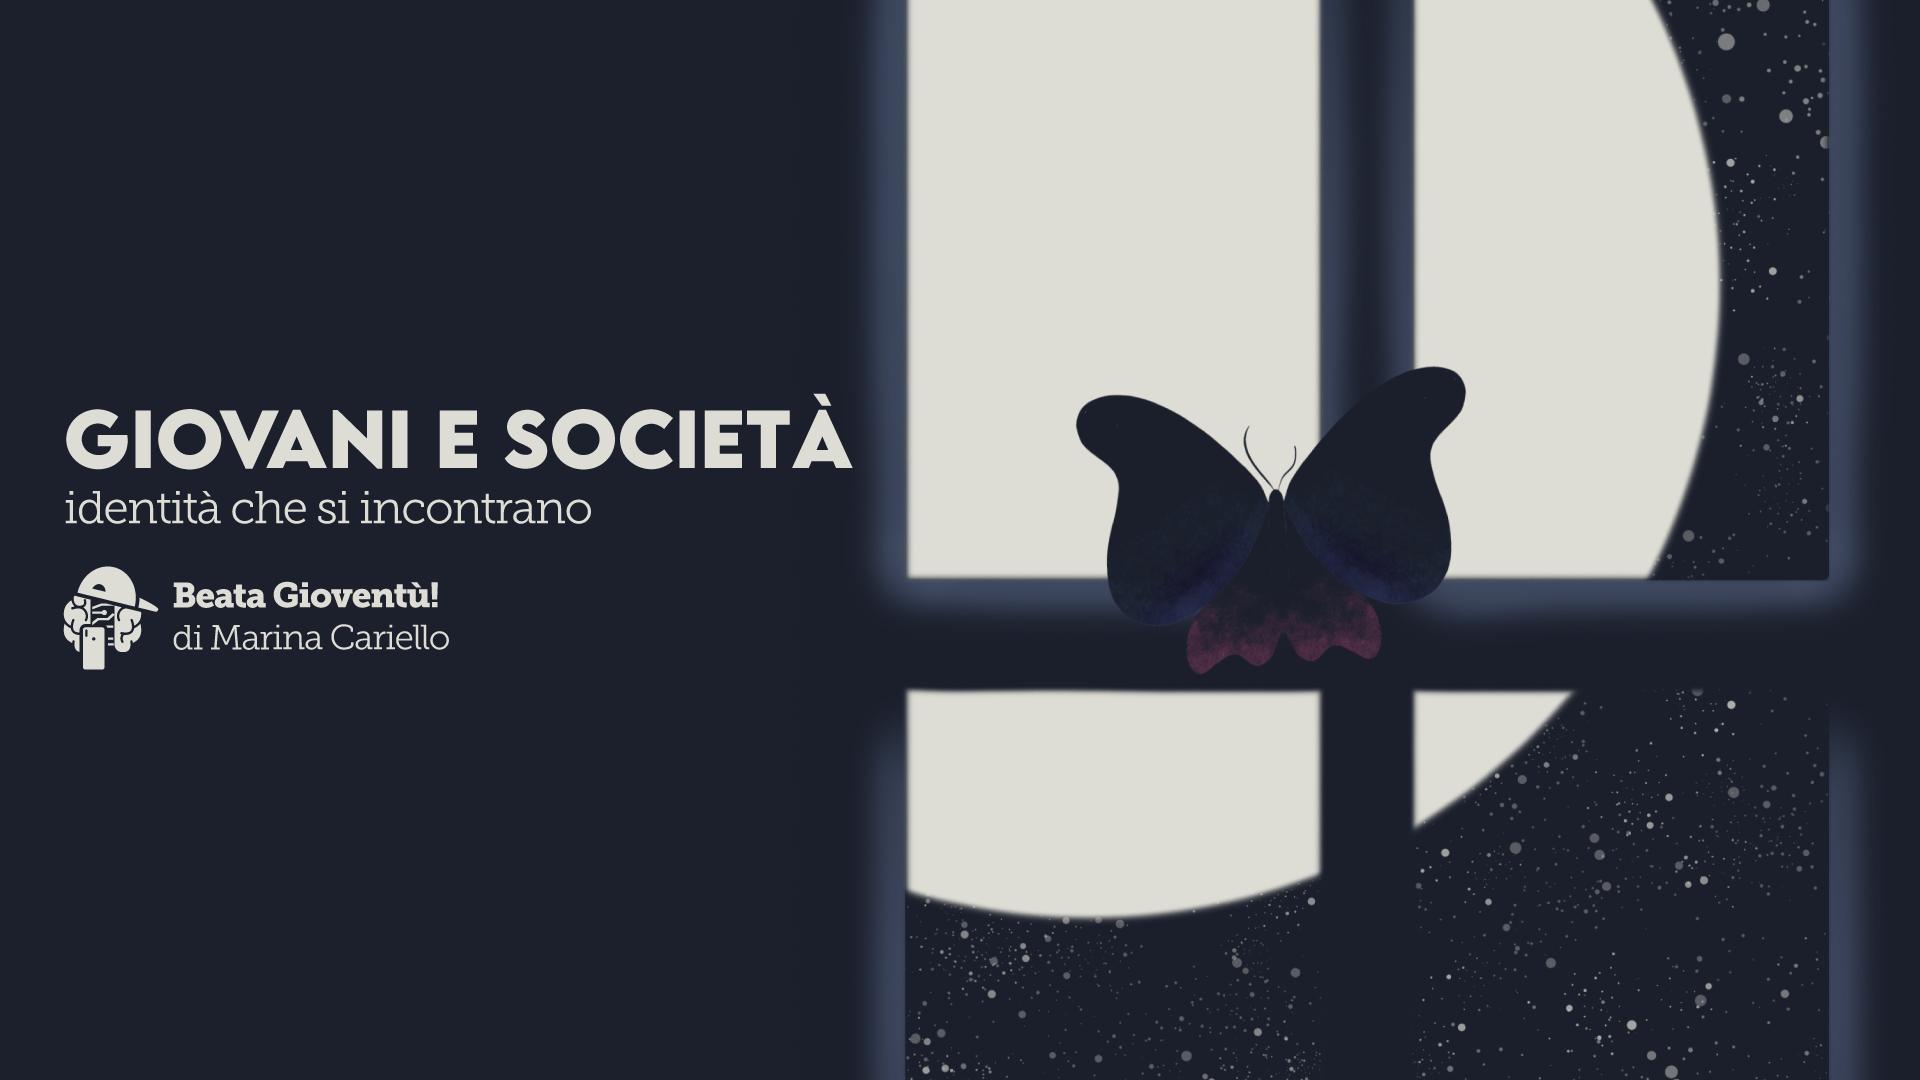 giovani e società